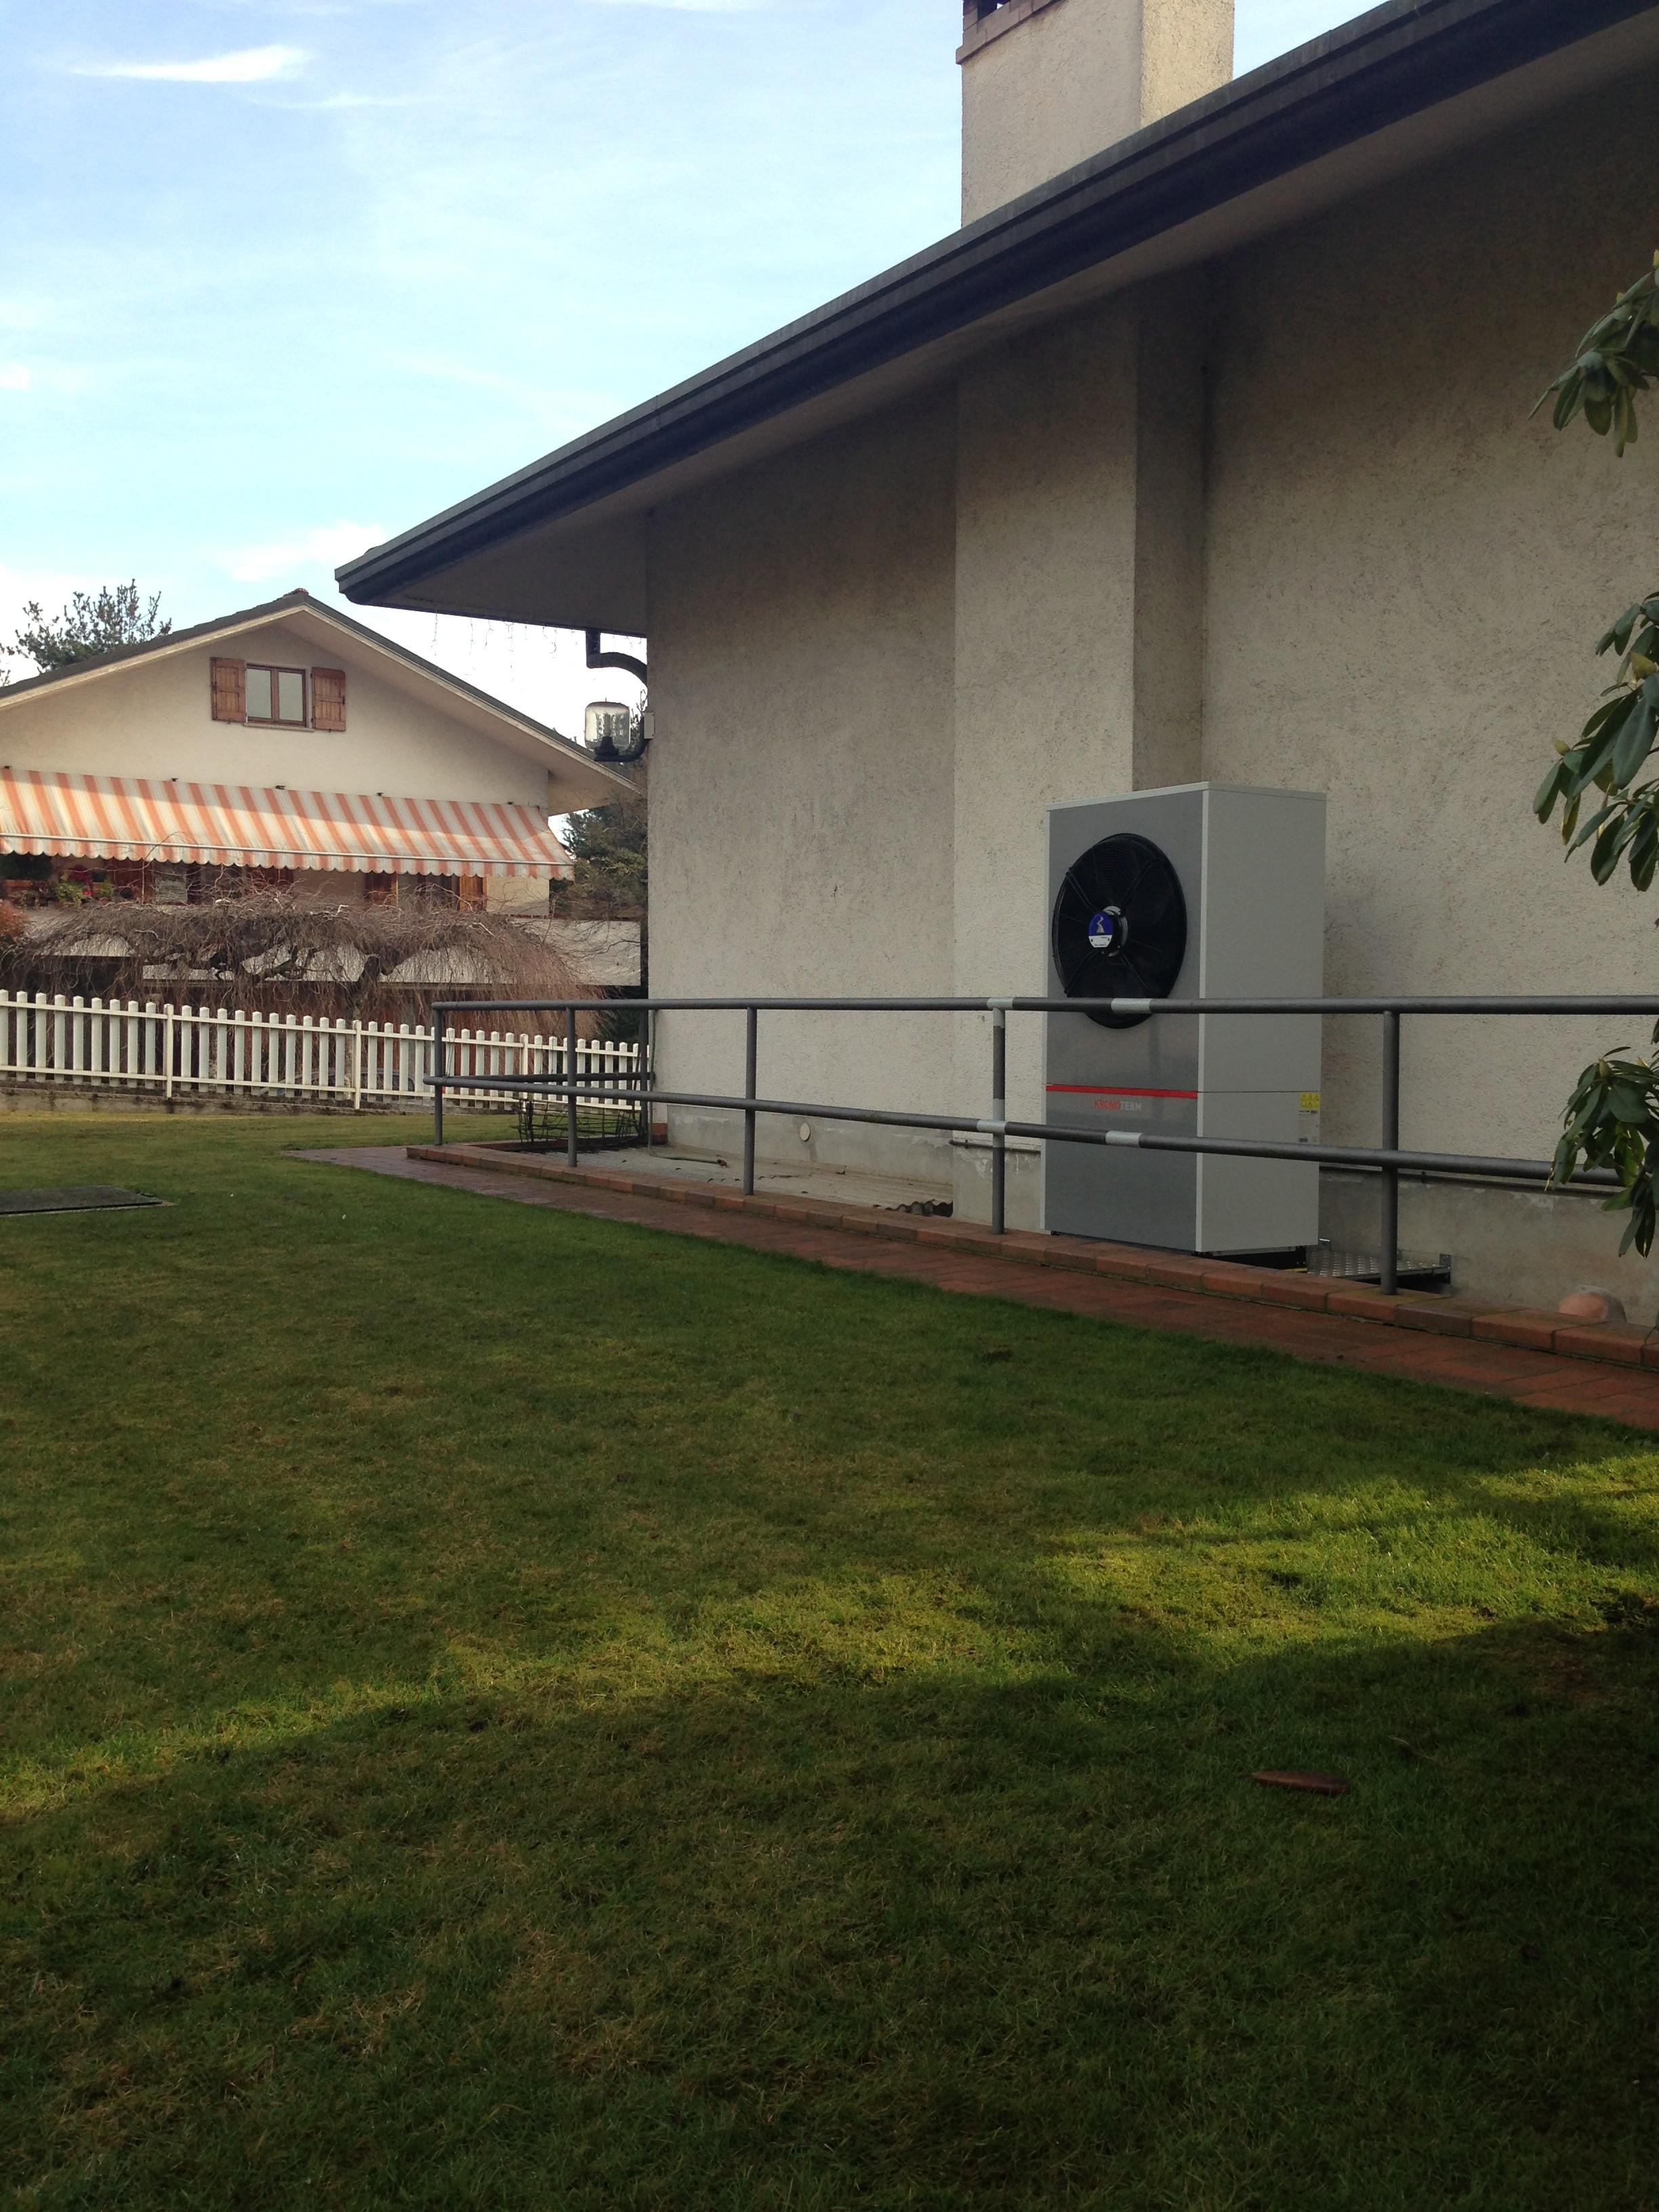 Ecco come francesco ha risparmiato il 60 con una pompa di calore - Costo metano casa ...